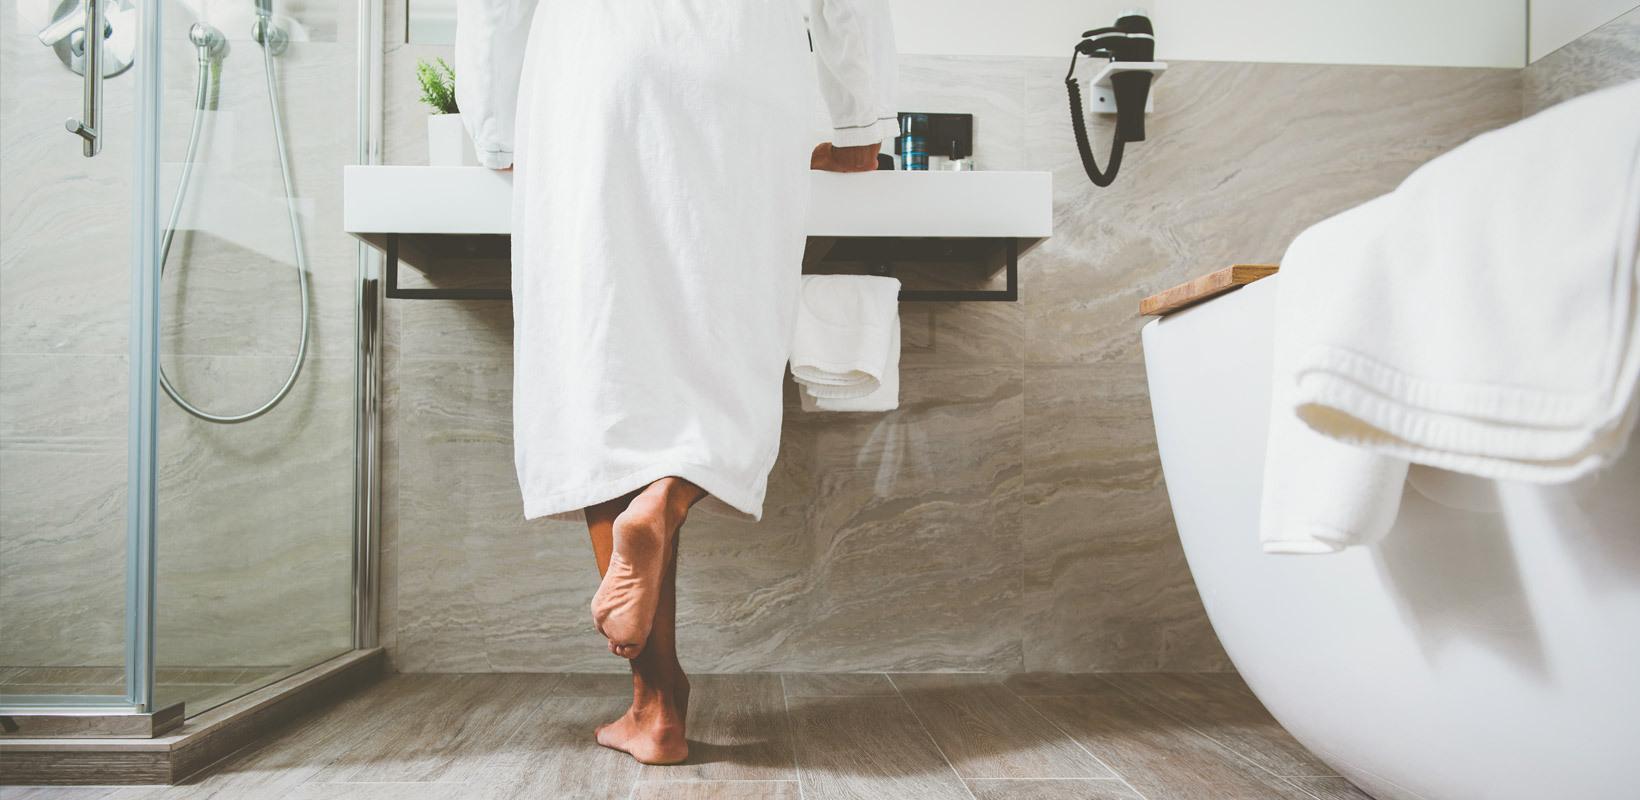 Siistissä kylpyhuoneessa seisova henkilö